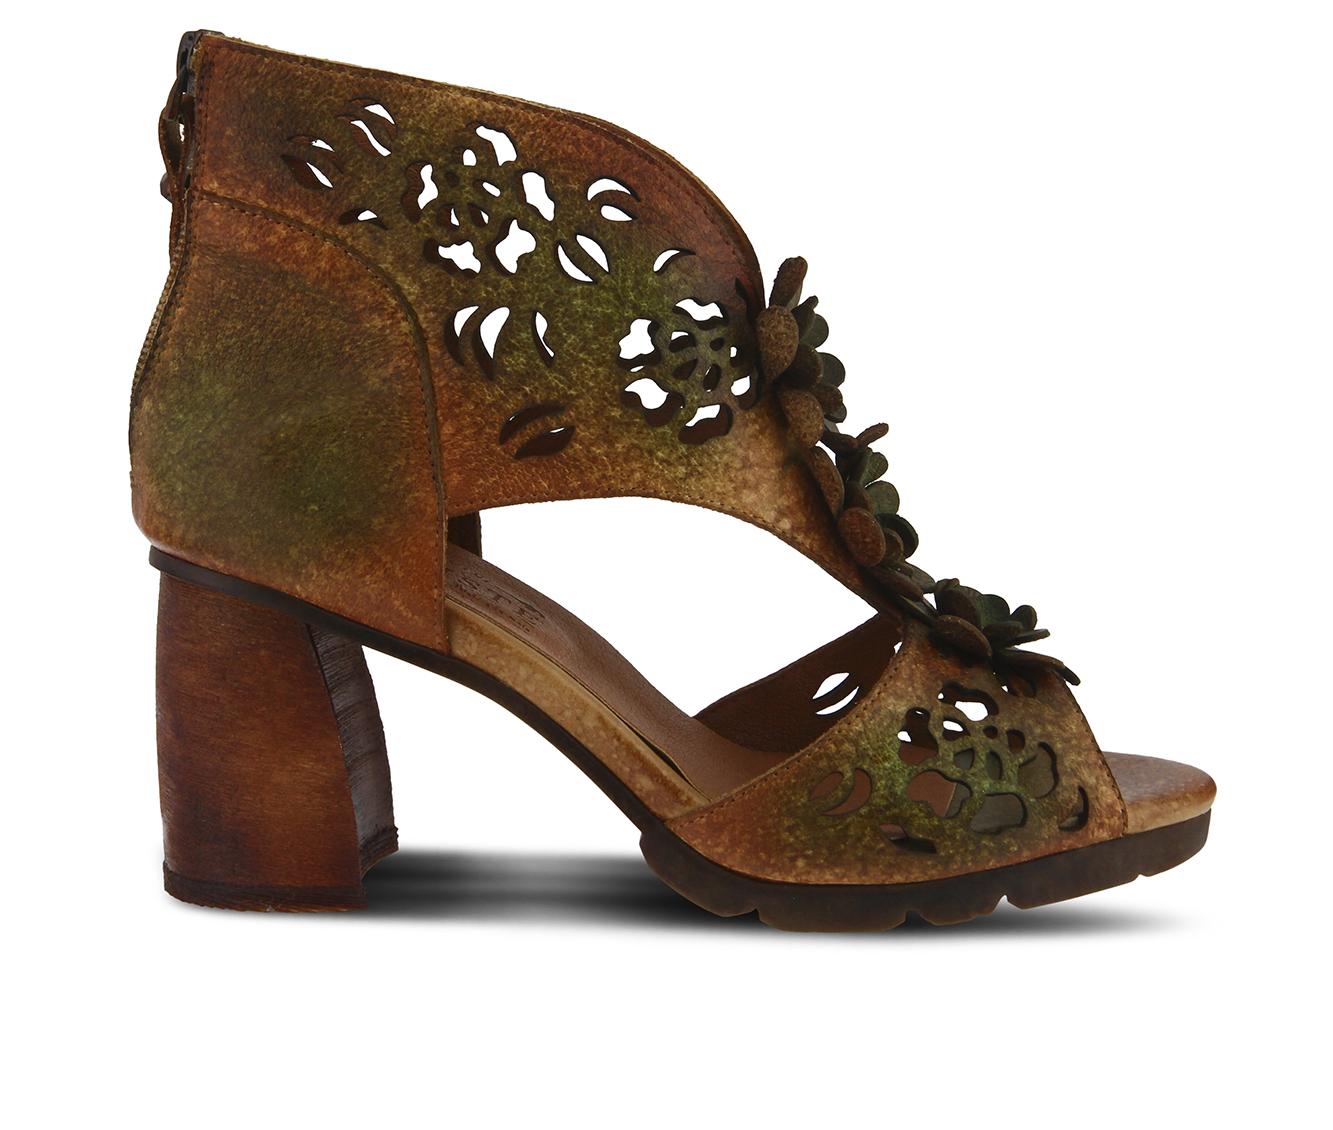 L'Artiste Marieloves Women's Dress Shoe (Brown Leather)